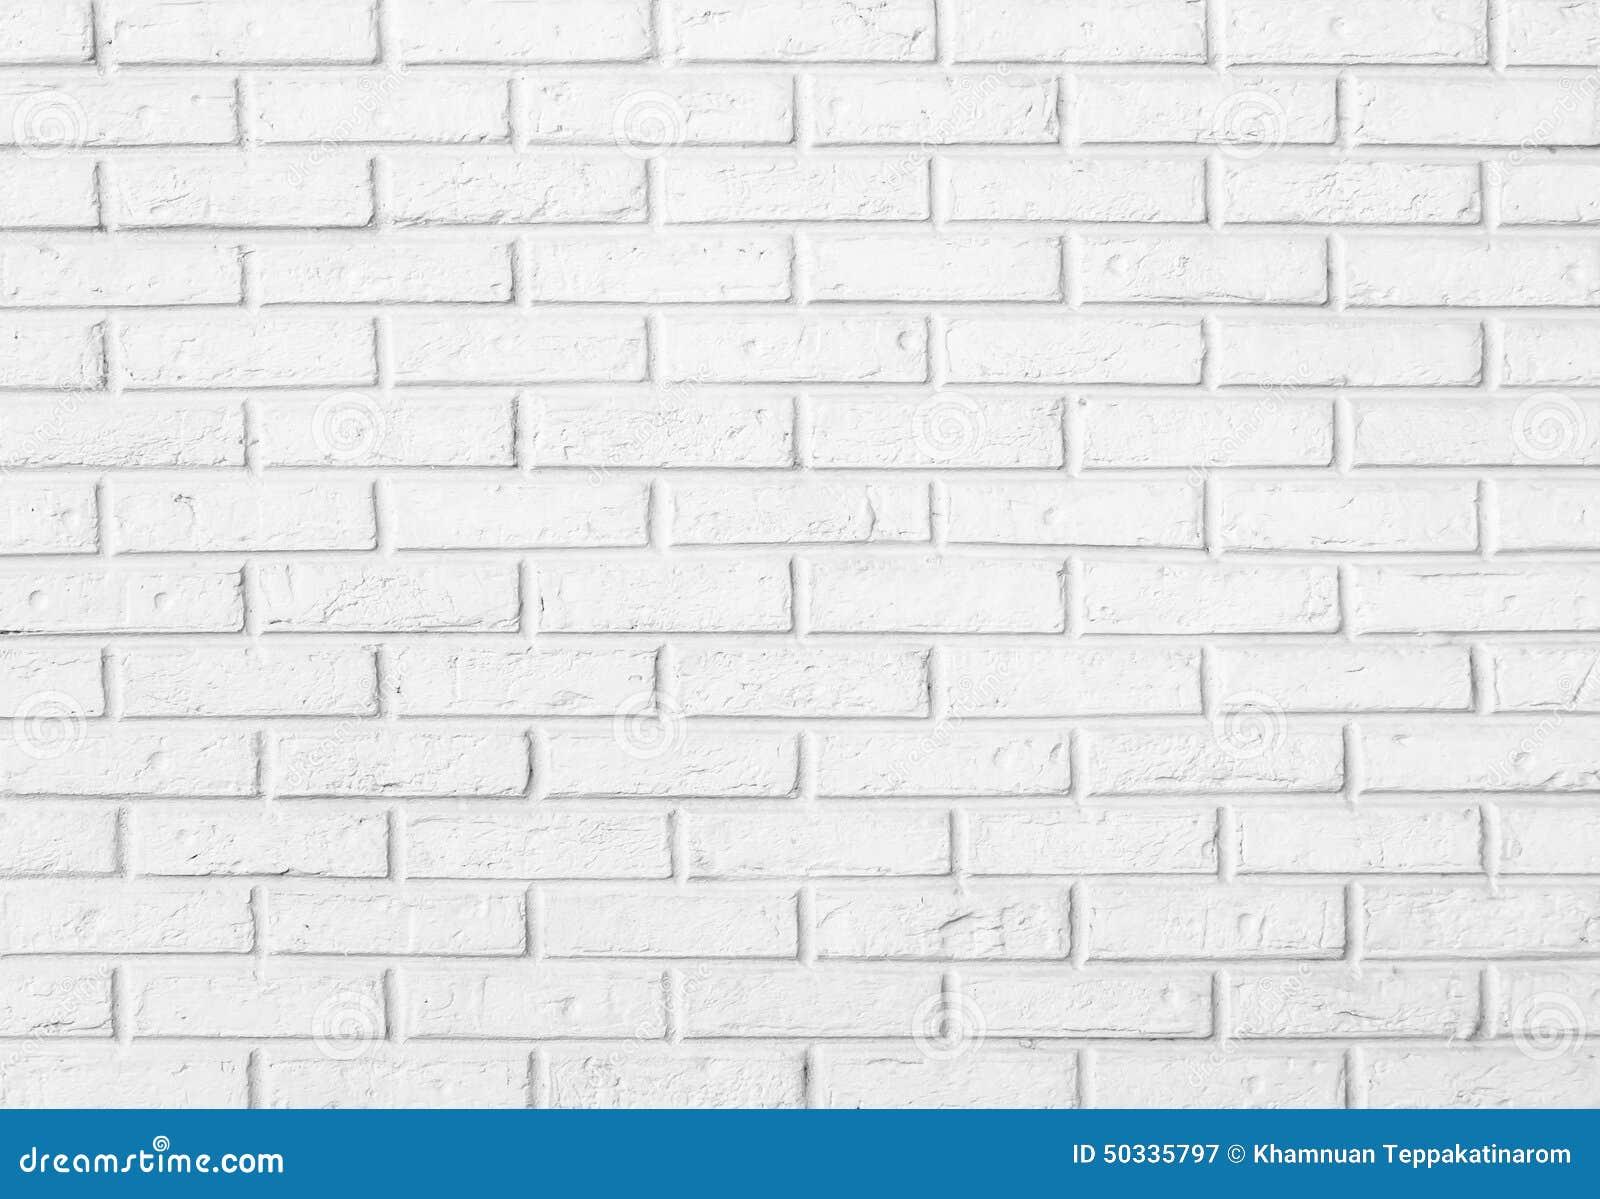 White brick wall pattern background stock photo image - Brick wall patterns designs ...